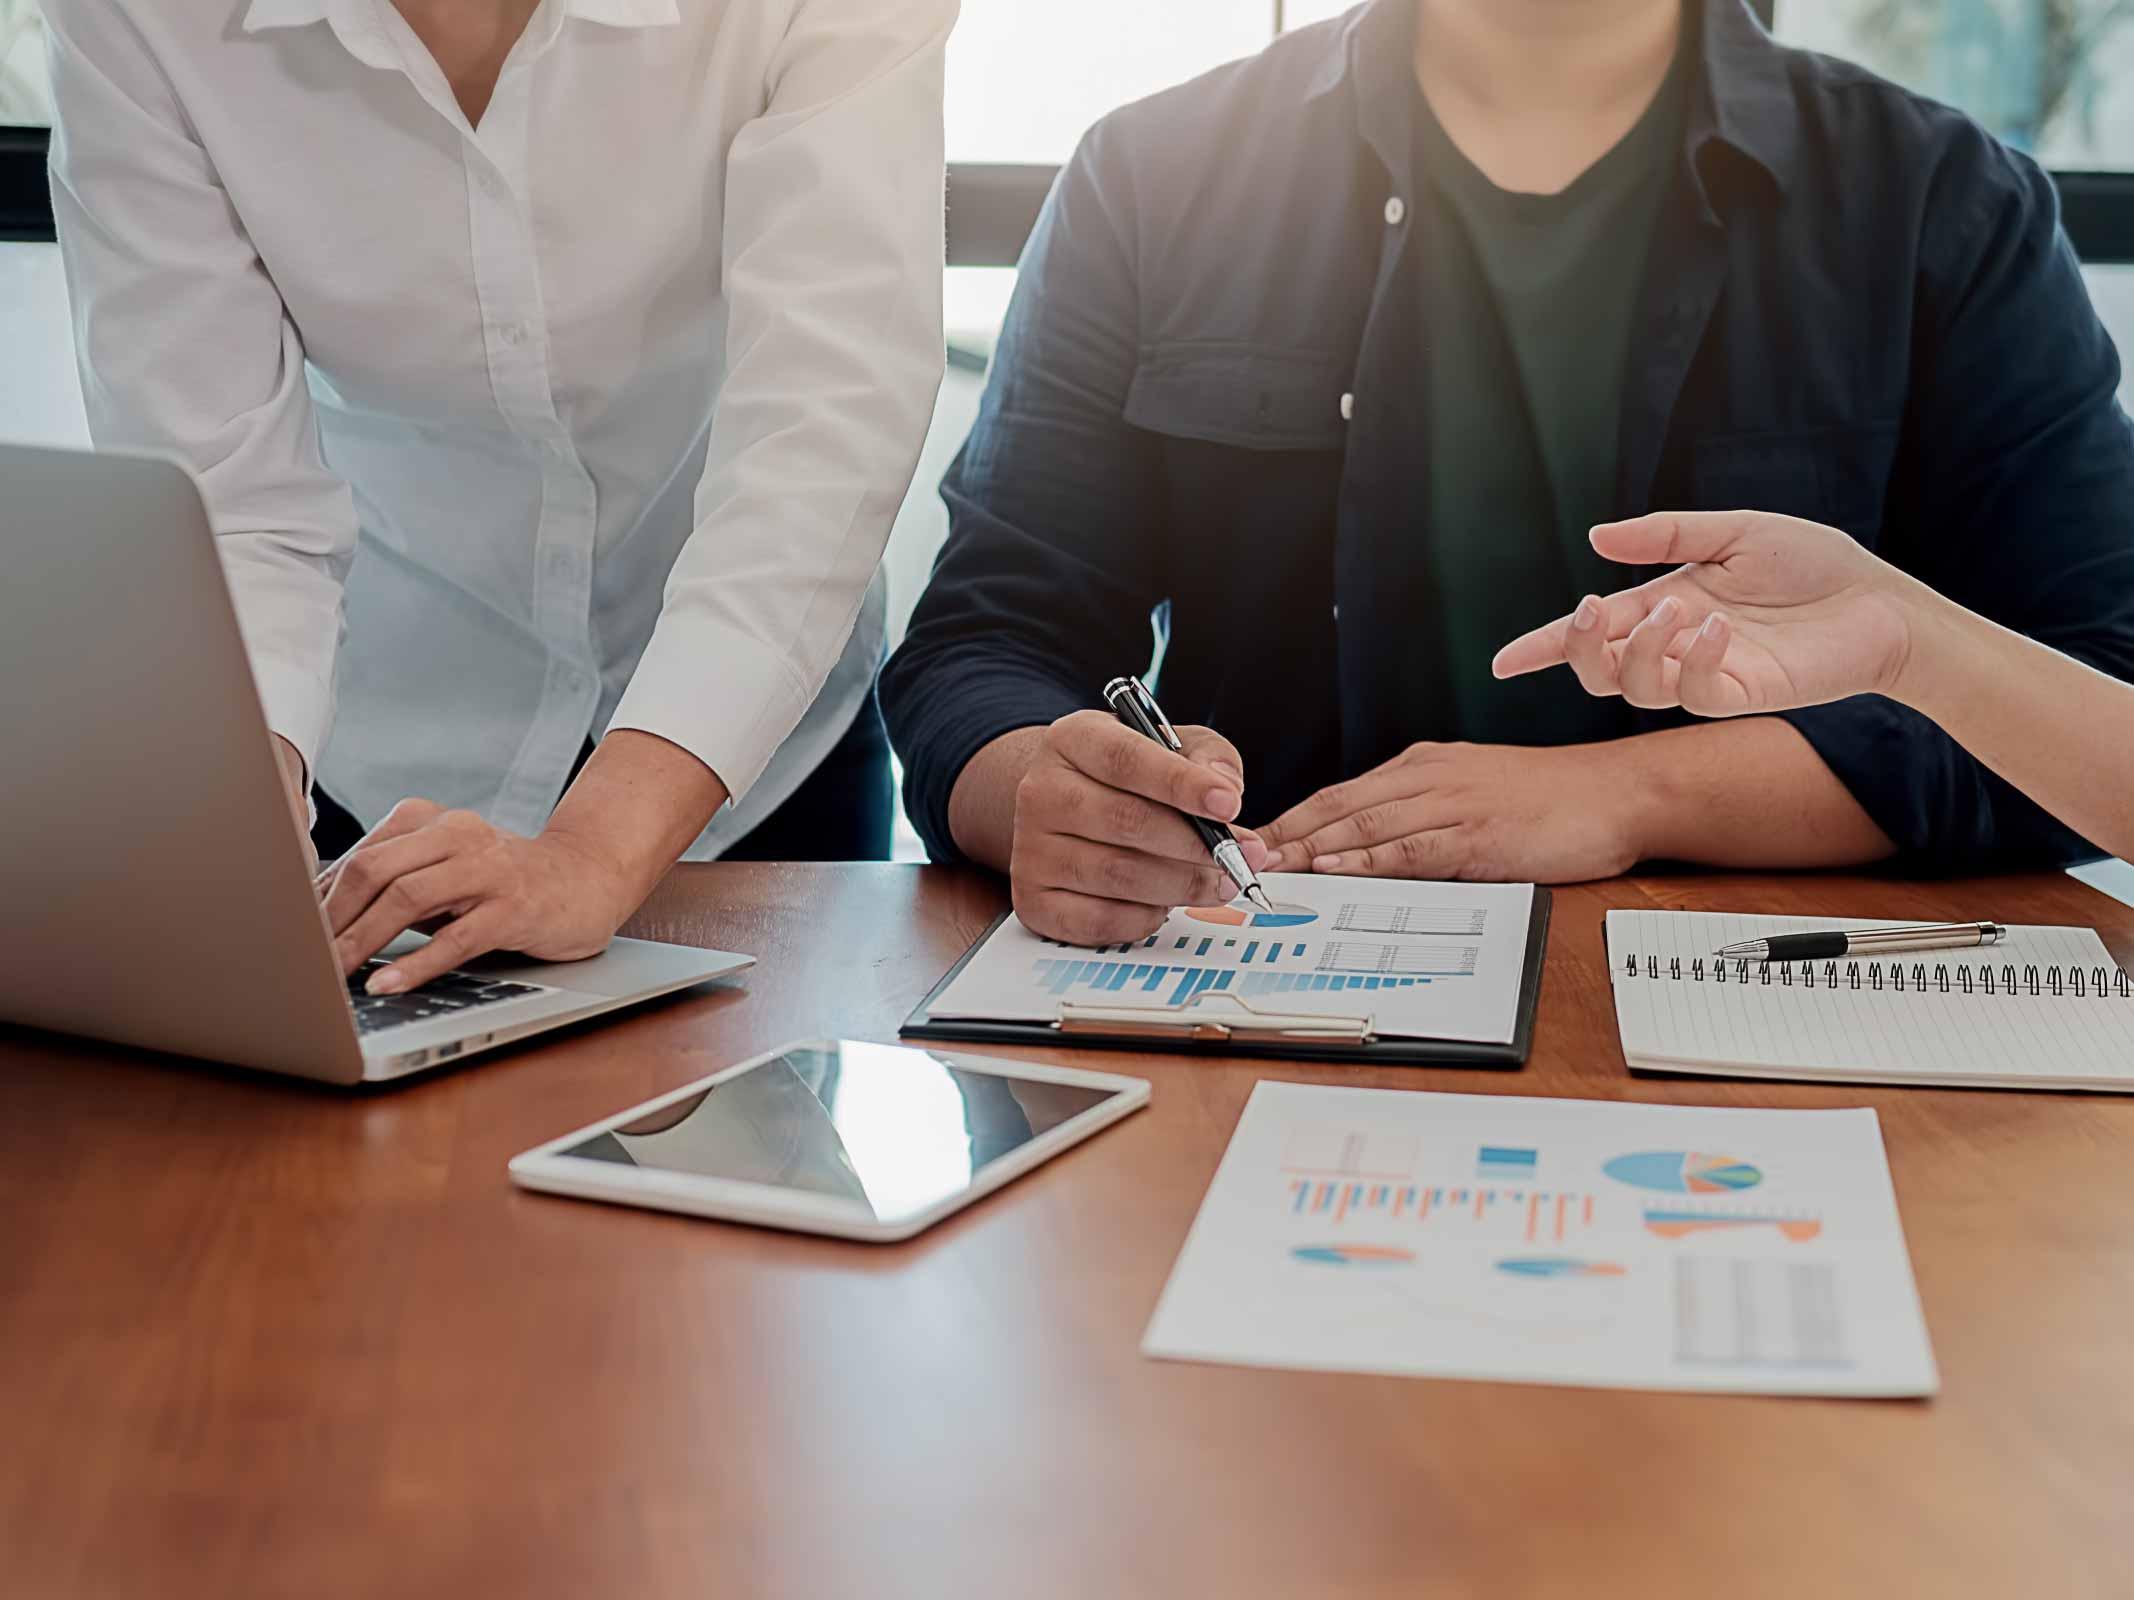 trois personnes travaillent autour d'une table avec des papiers contenant des graphiques, un ordinateur portable et une tablette tactile